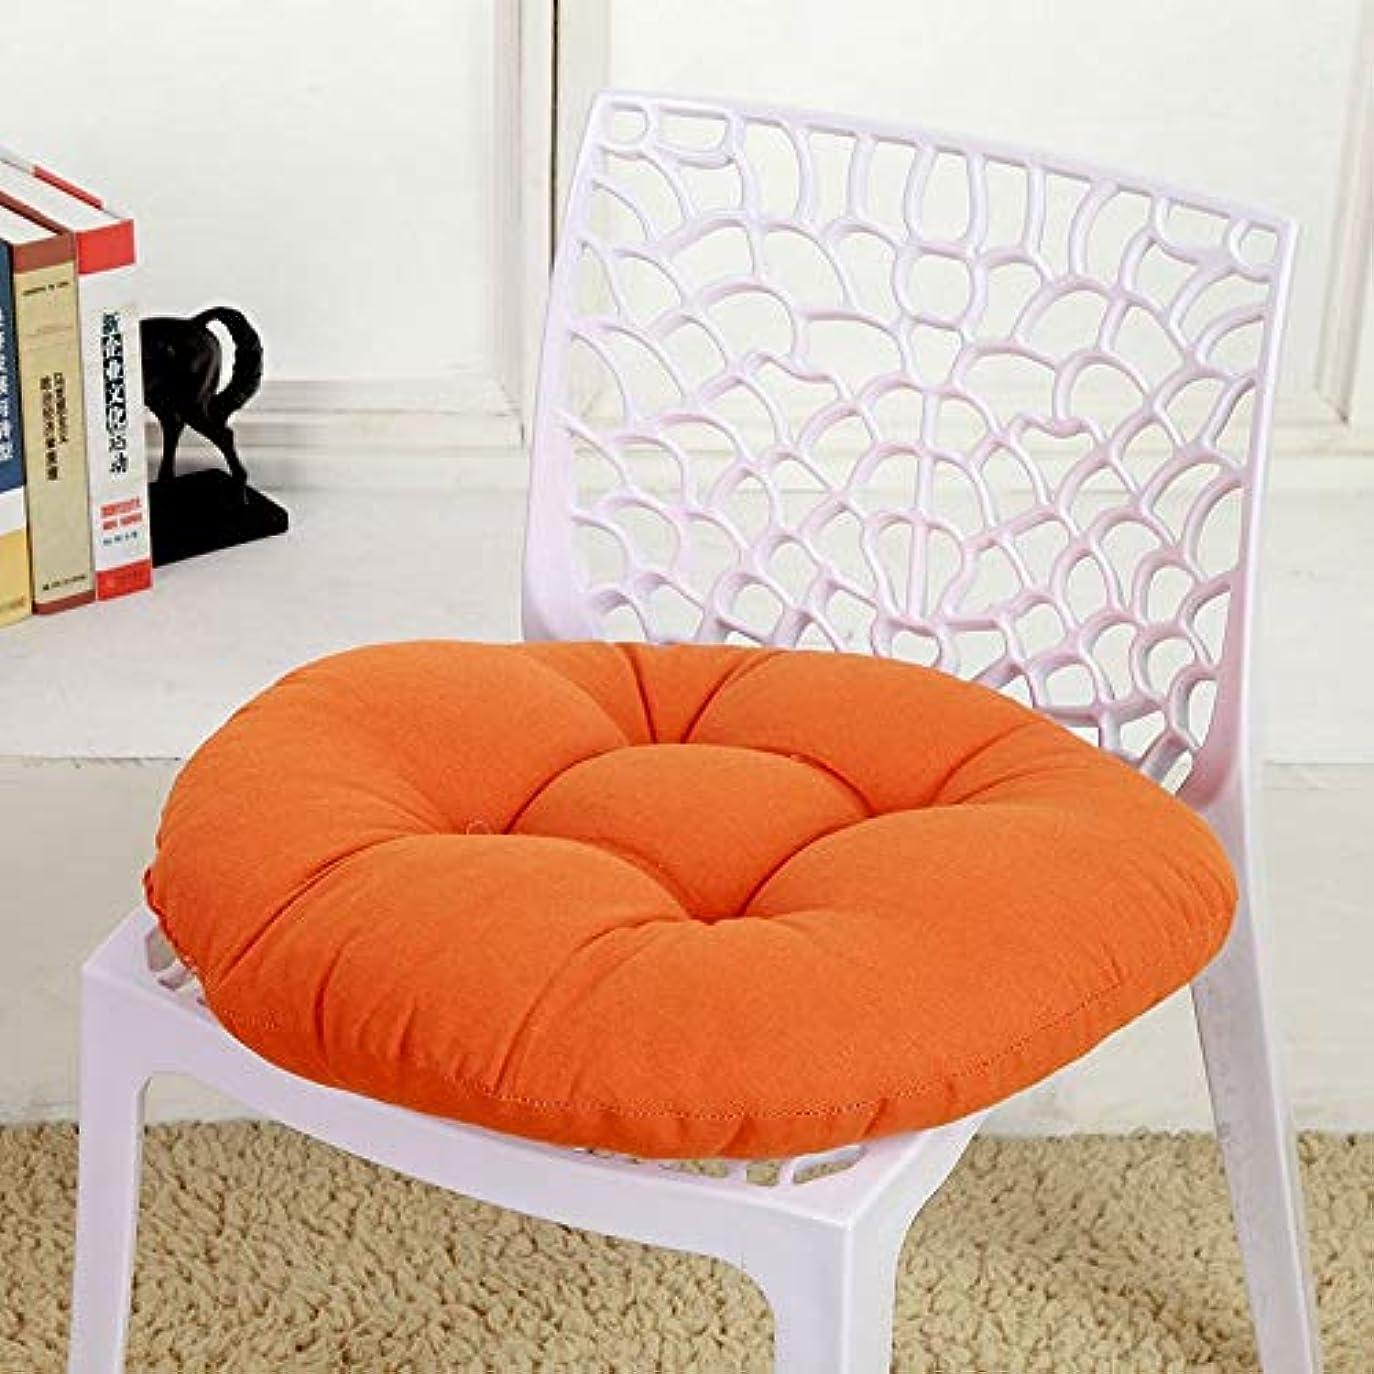 妥協面倒主要なSMART キャンディカラーのクッションラウンドシートクッション波ウィンドウシートクッションクッション家の装飾パッドラウンド枕シート枕椅子座る枕 クッション 椅子